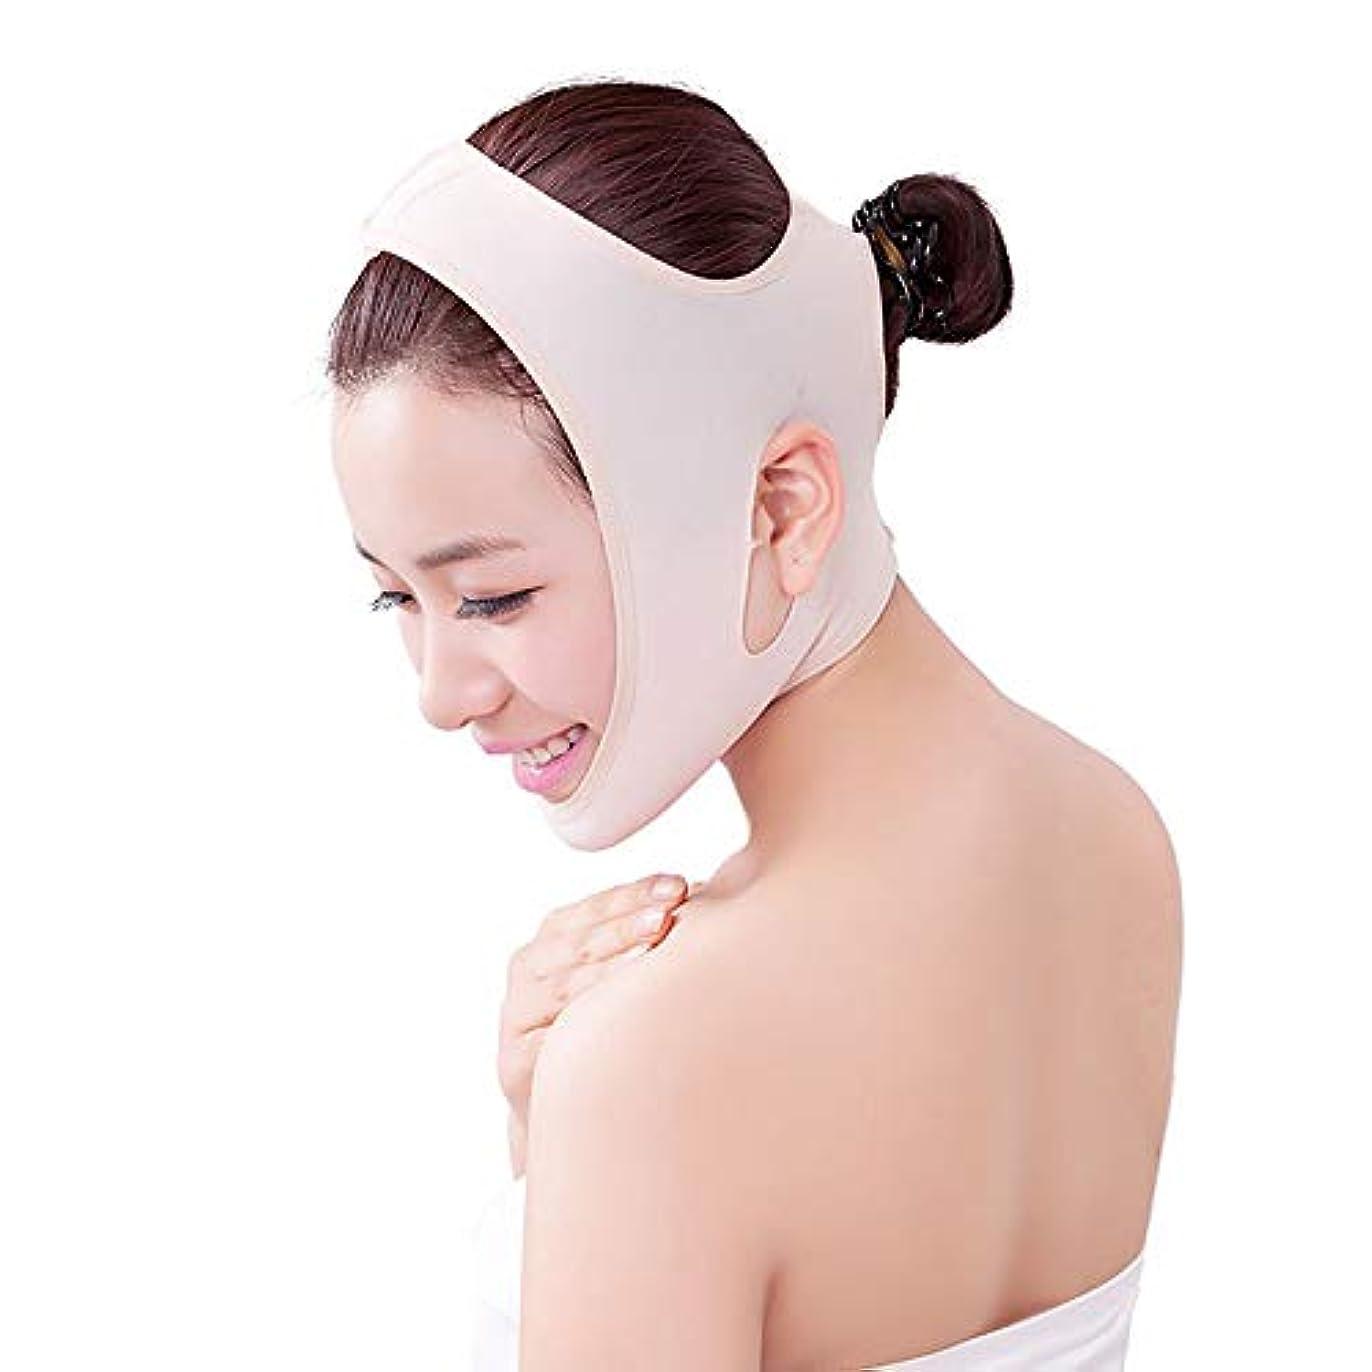 製造業グラフ虫GYZ 顔の持ち上がる痩身ベルト - アンチエイジングリンクルフェイスマスクベルトあなたの顔のためのすばらしい試し二重あごの試し Thin Face Belt (Size : L)